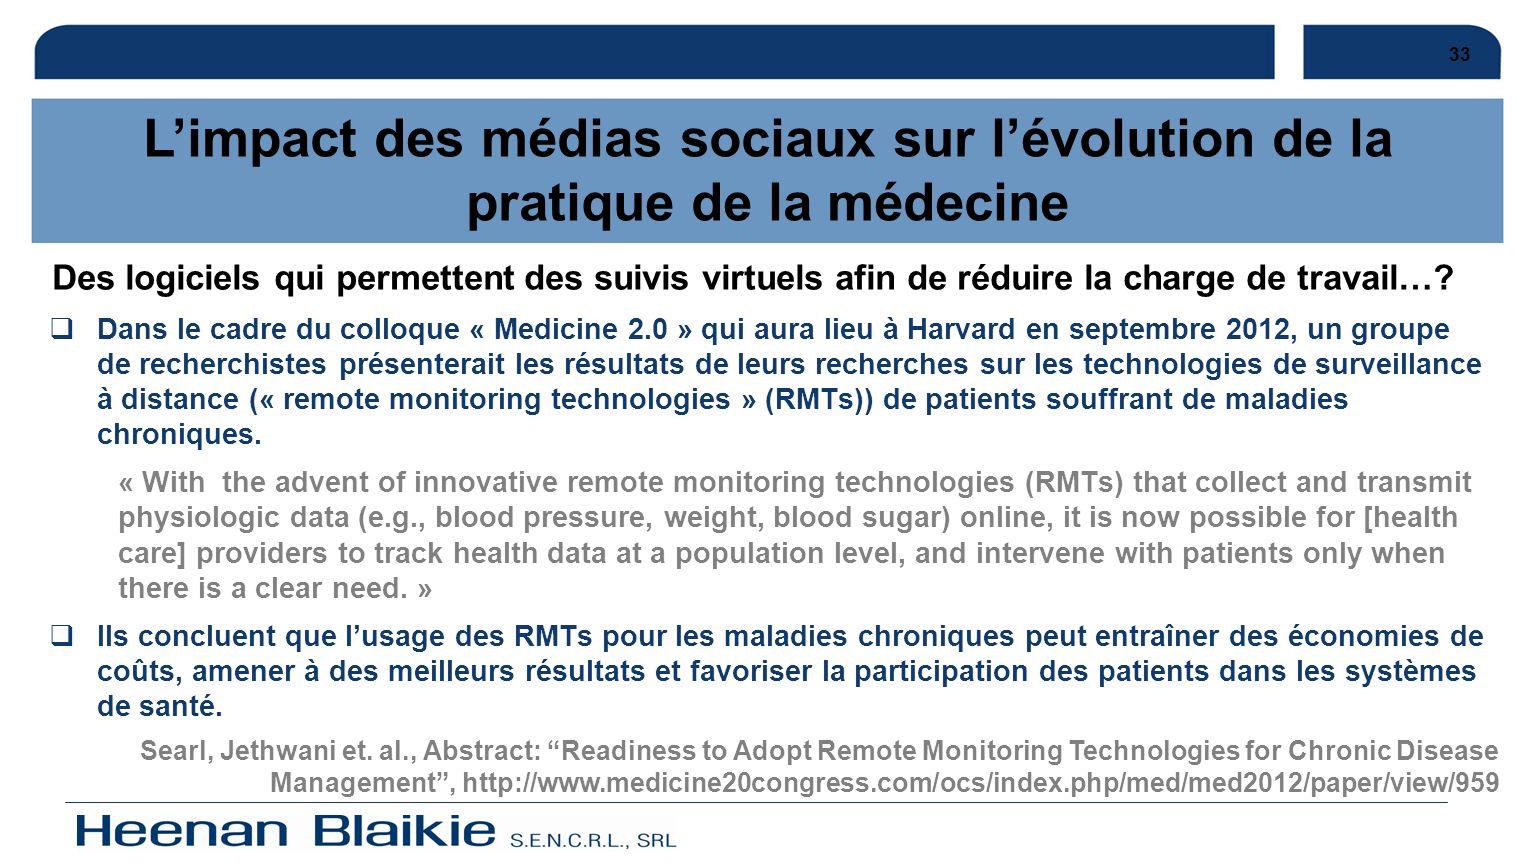 33 L'impact des médias sociaux sur l'évolution de la pratique de la médecine.